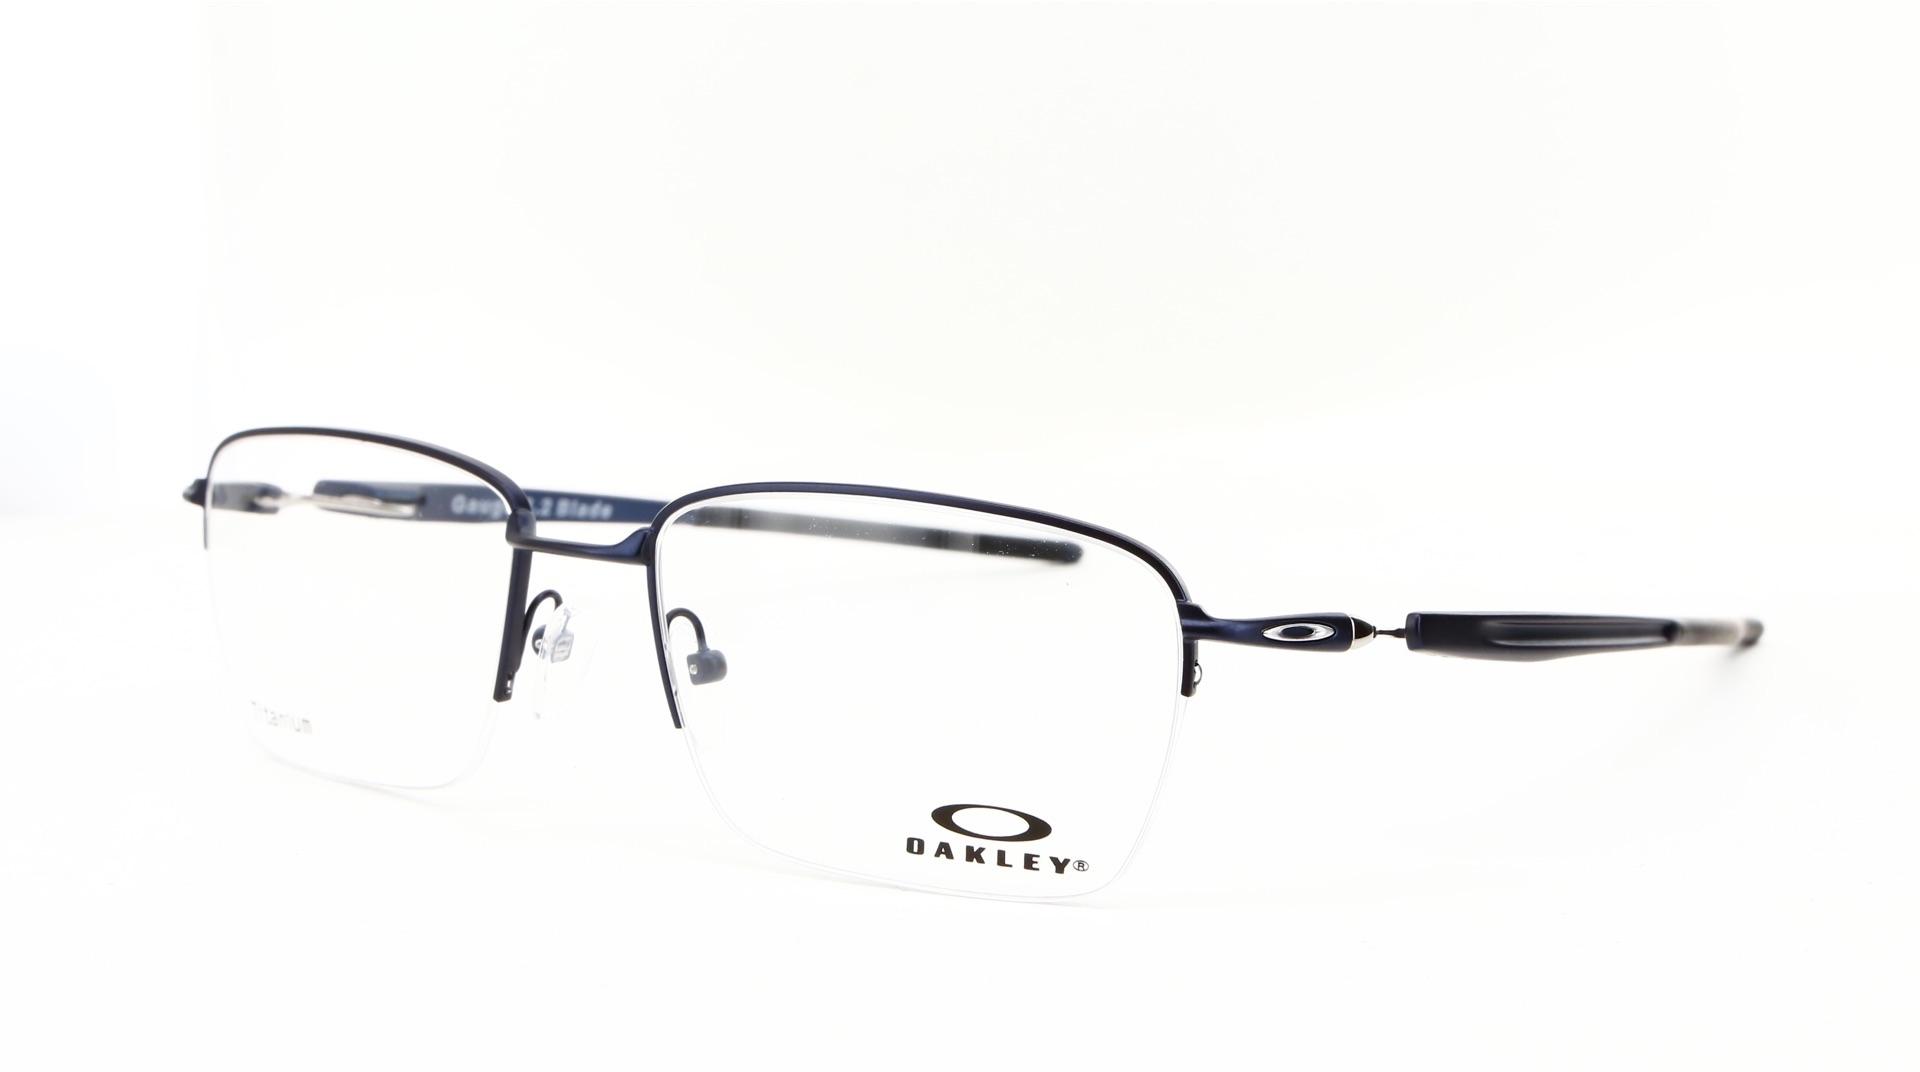 Oakley - ref: 80725